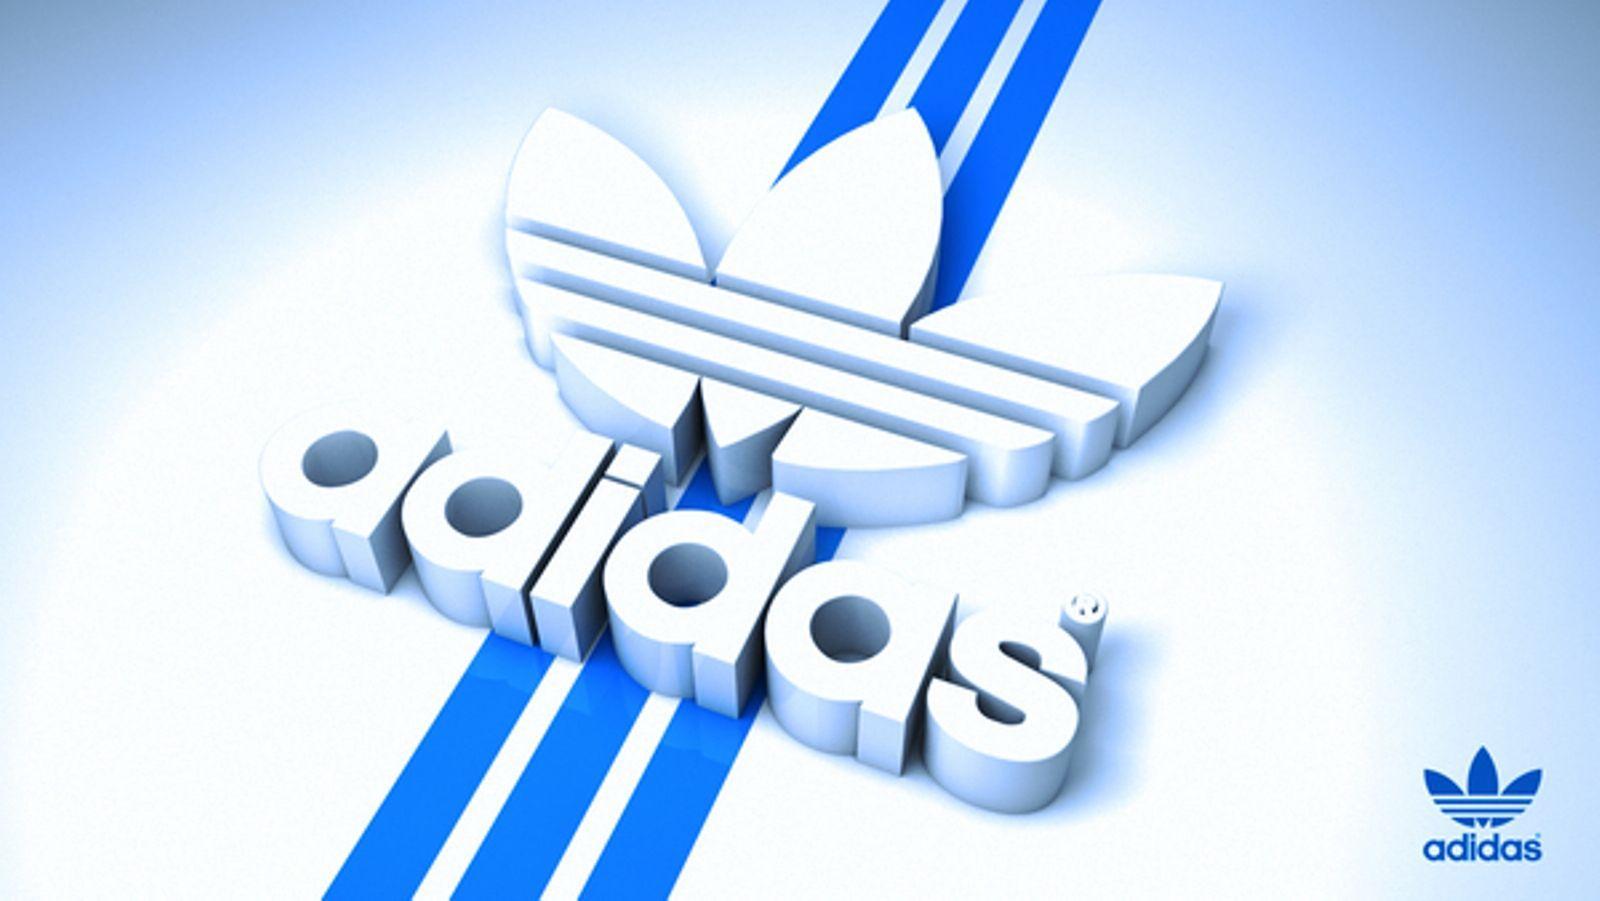 Adidas full hd sfondi carta caverna